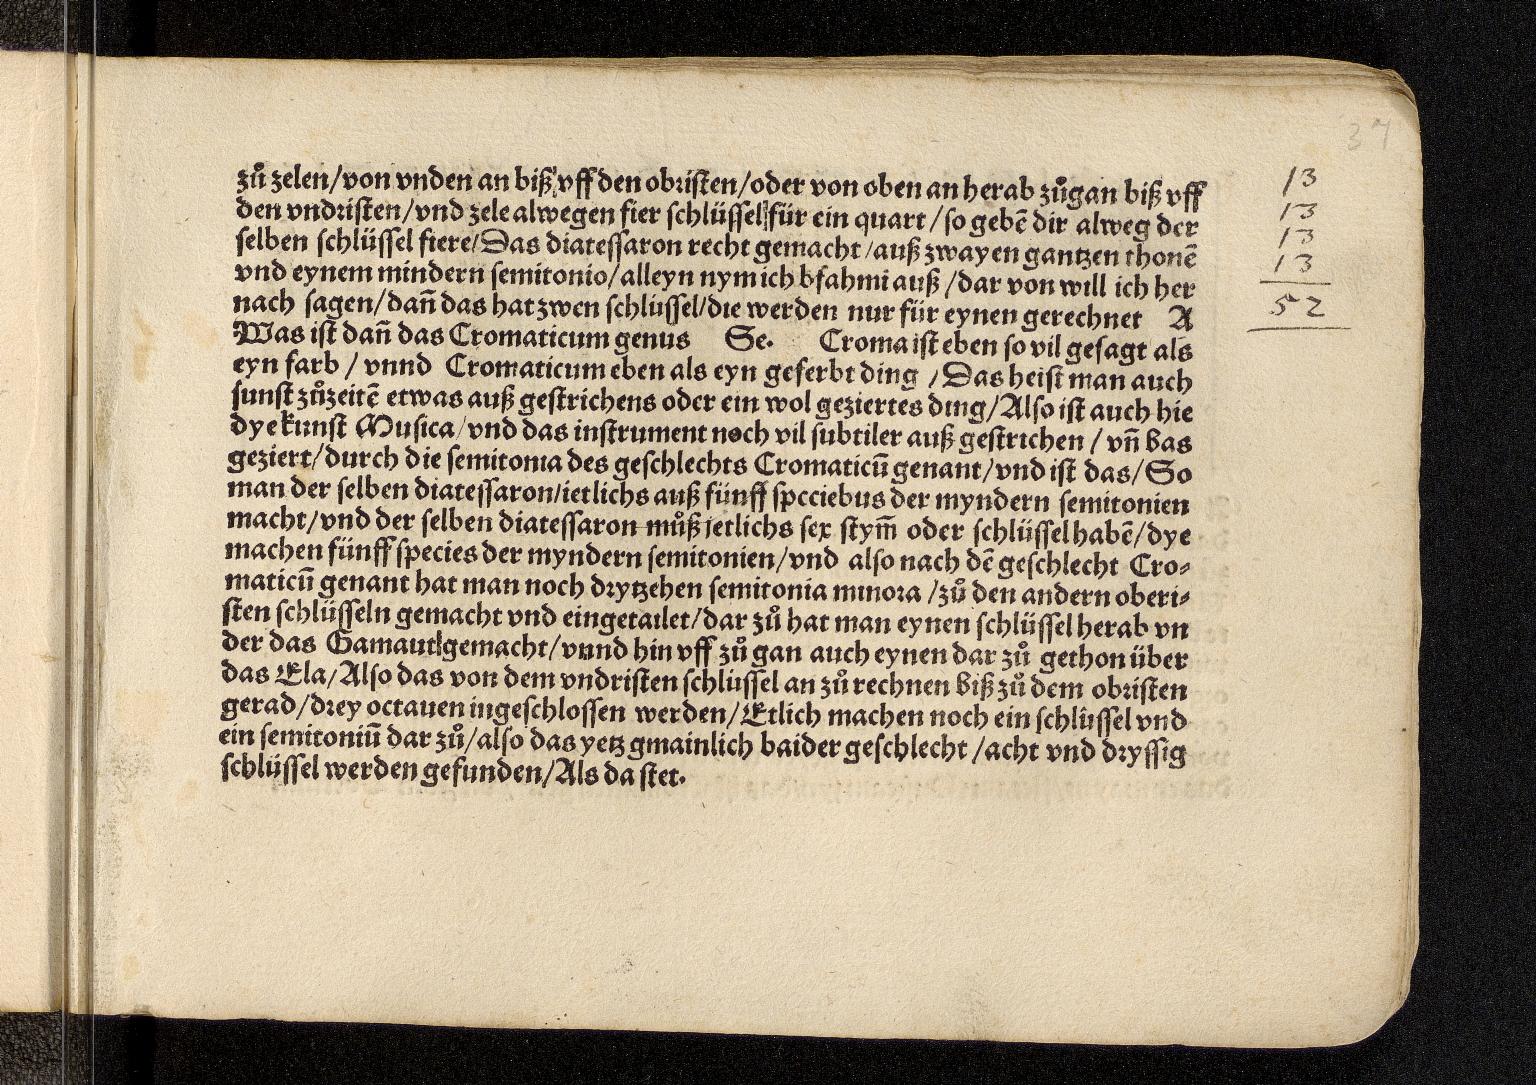 Musica Getutscht, p. 39